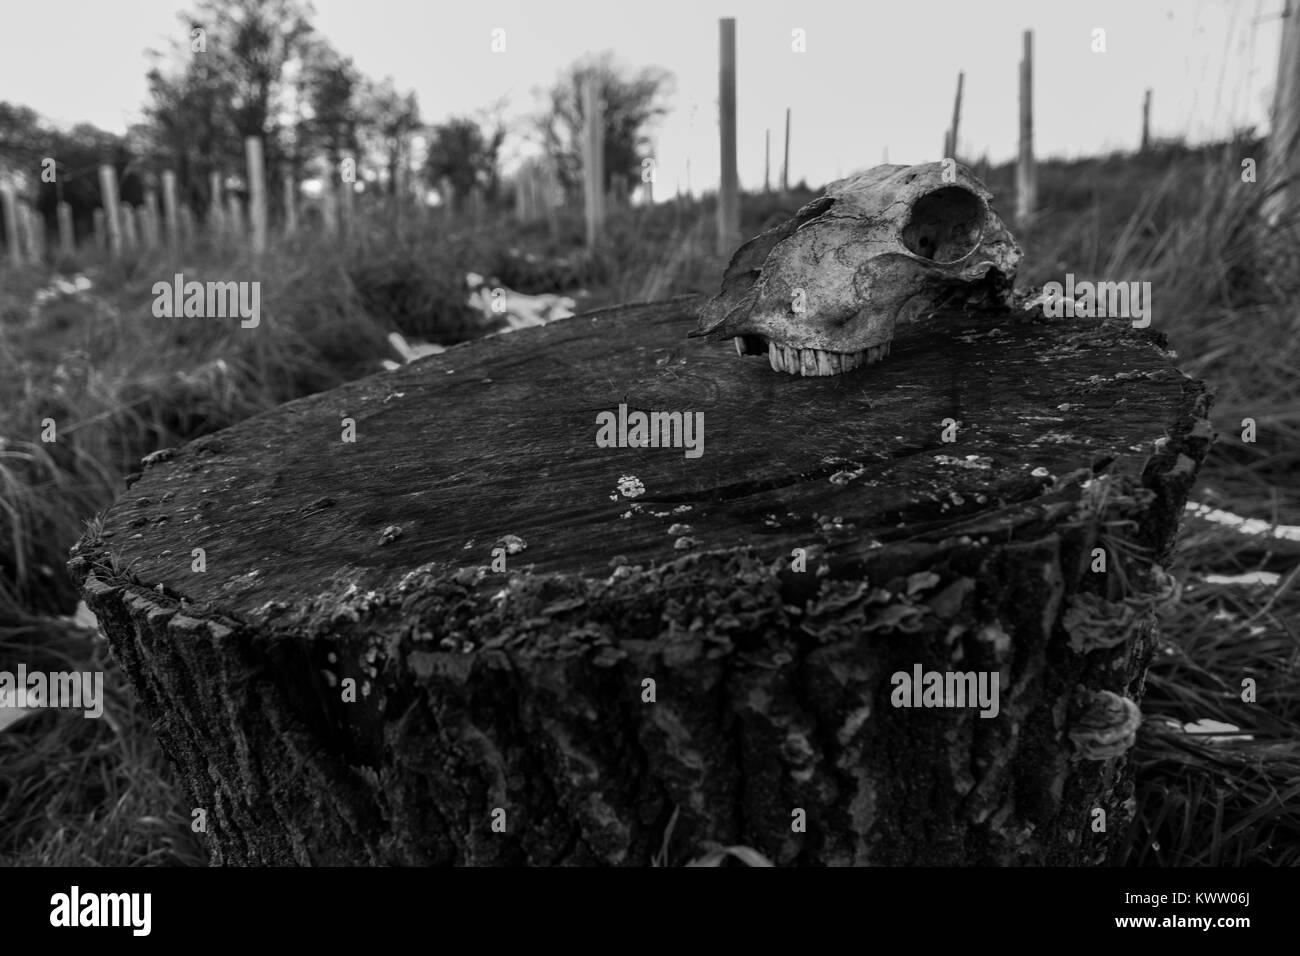 A sheep skull on a log - Northamptonshire, UK - Stock Image